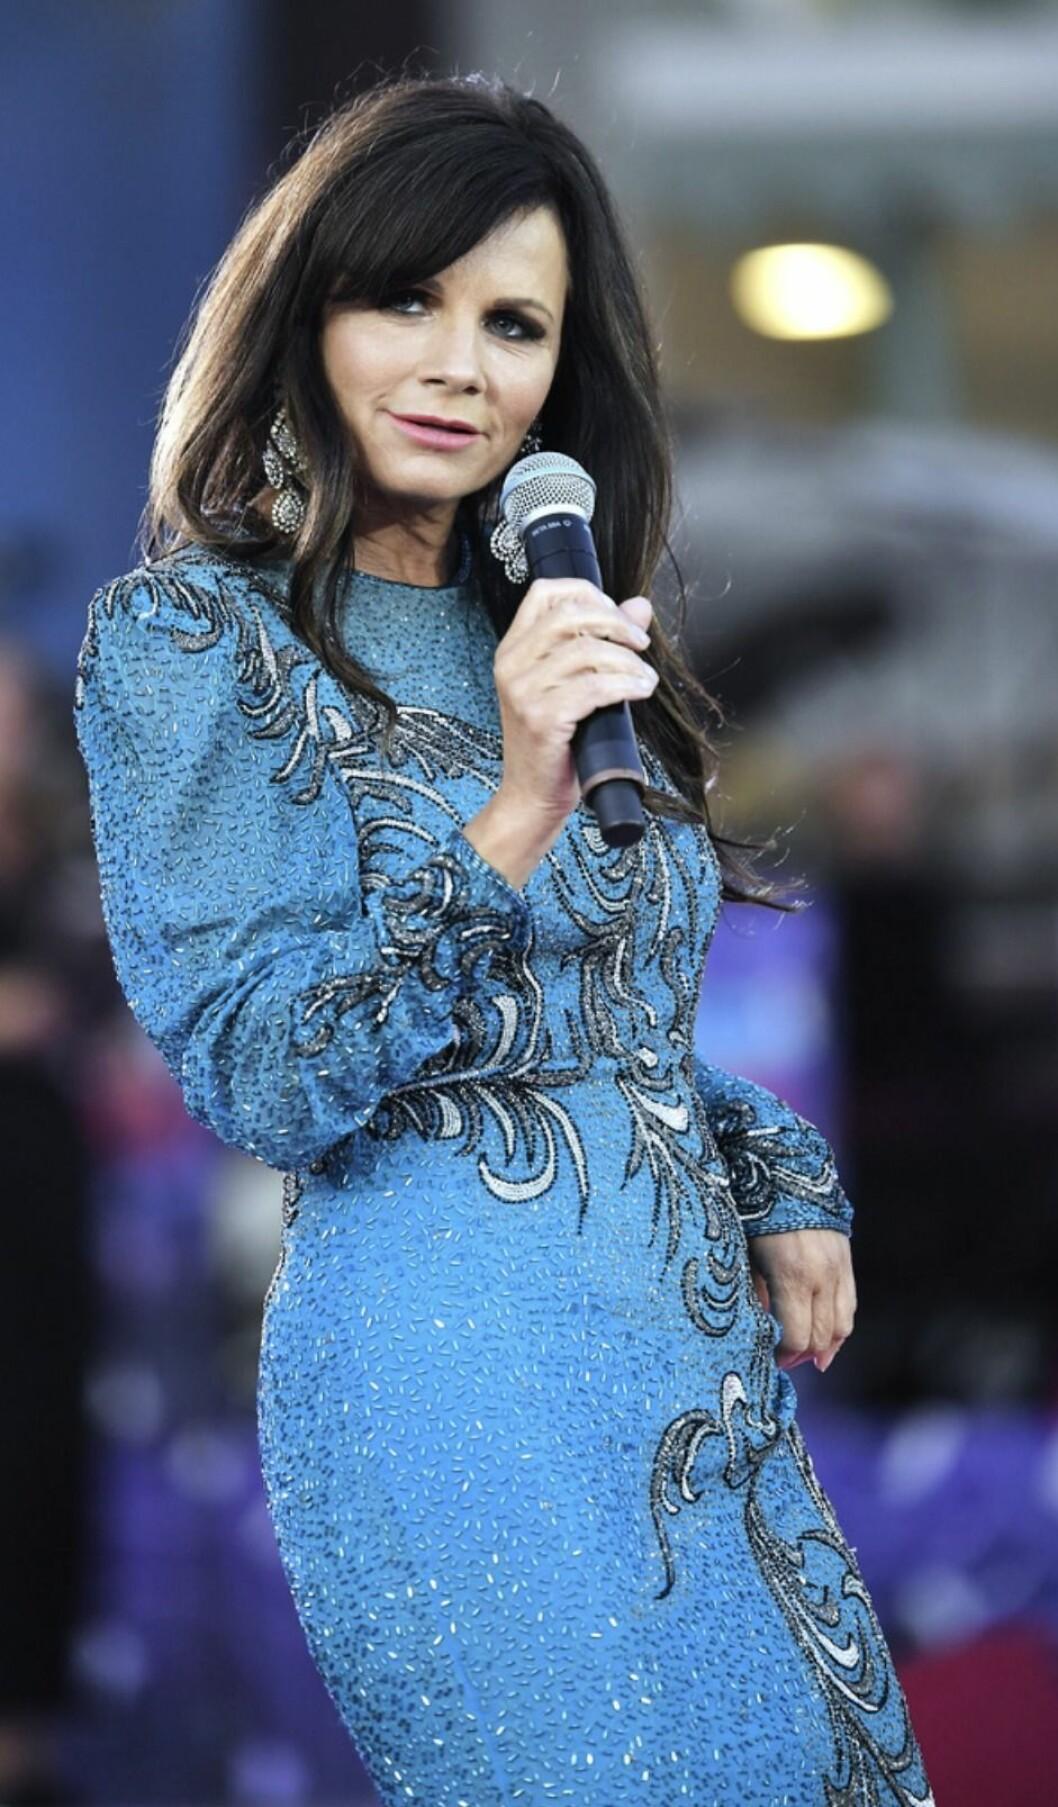 Lena Philipsson på scen i blå klänning